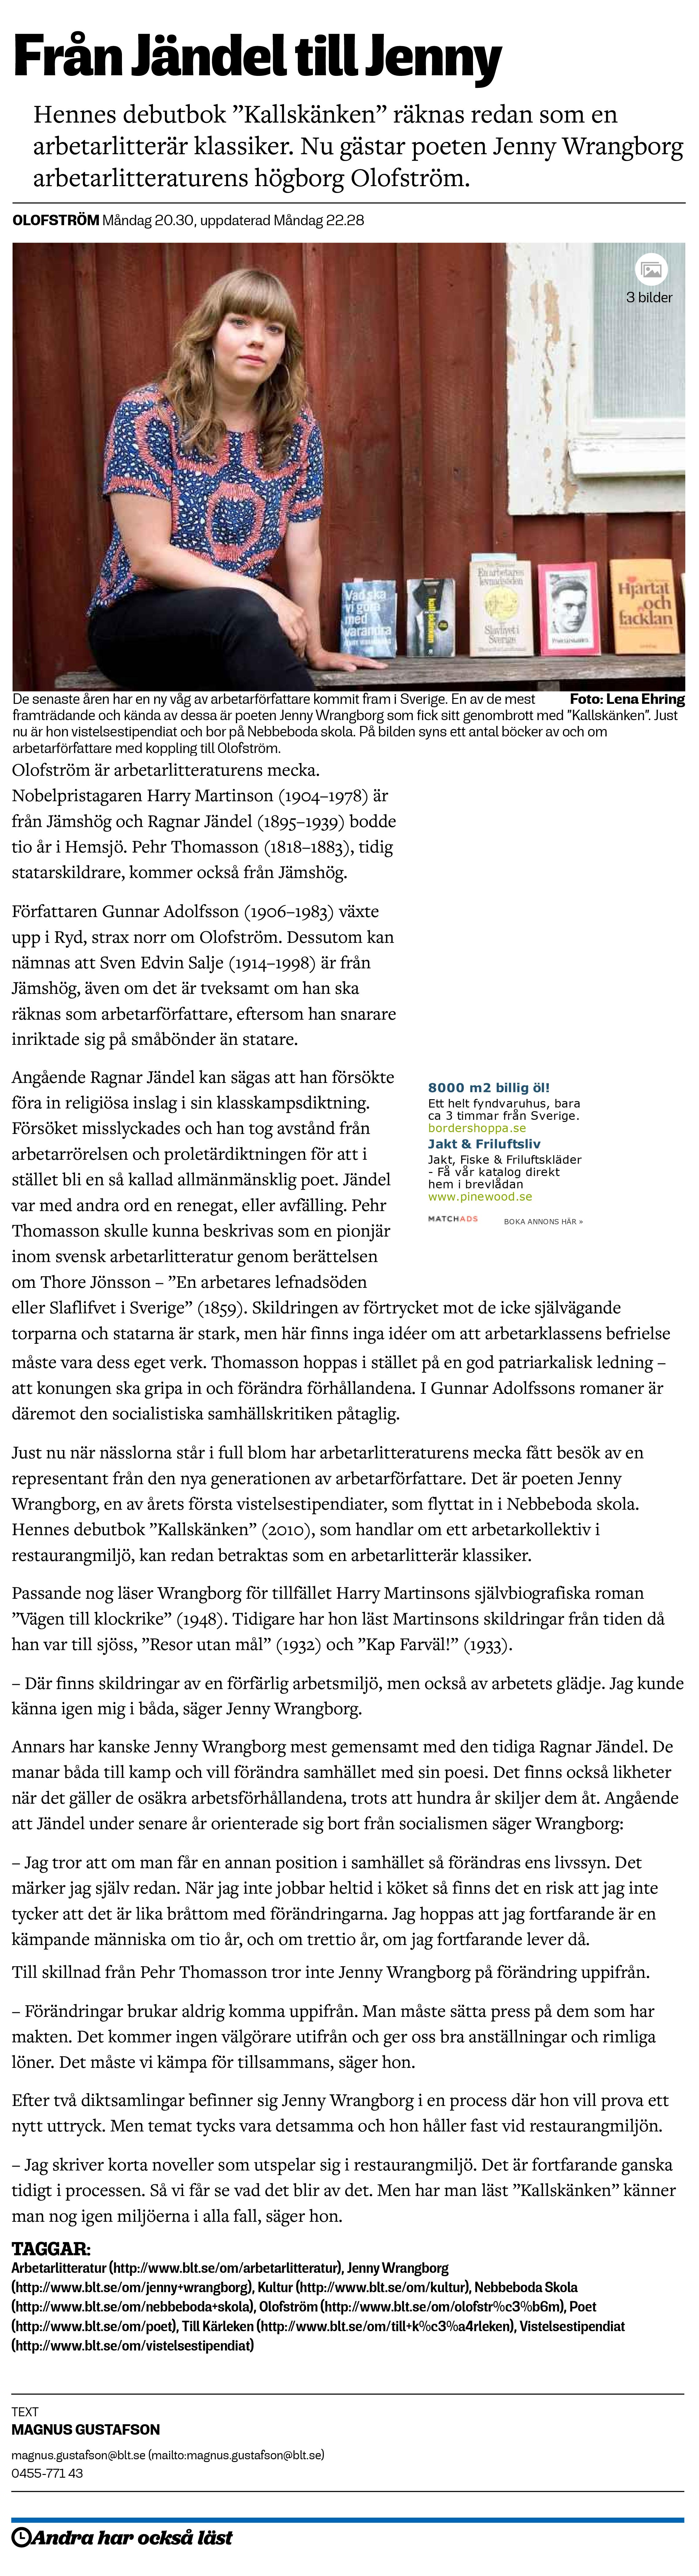 Från Jändel till Jenny - Blekinge Läns Tidning